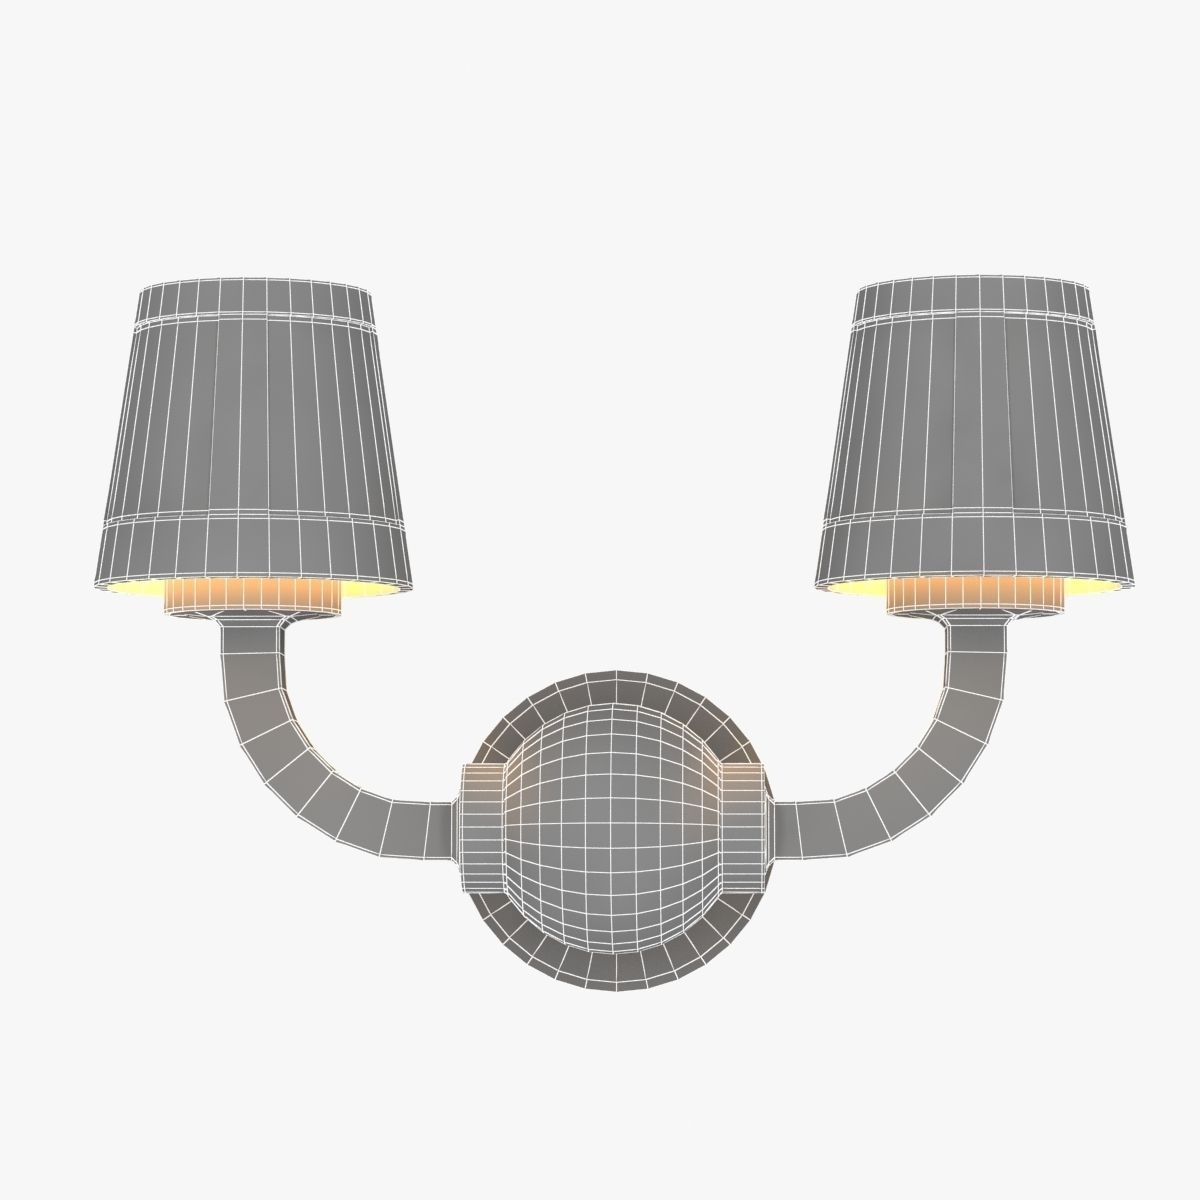 Paper Wall Lamp Studio Job Moooi 3D Model MAX OBJ 3DS FBX